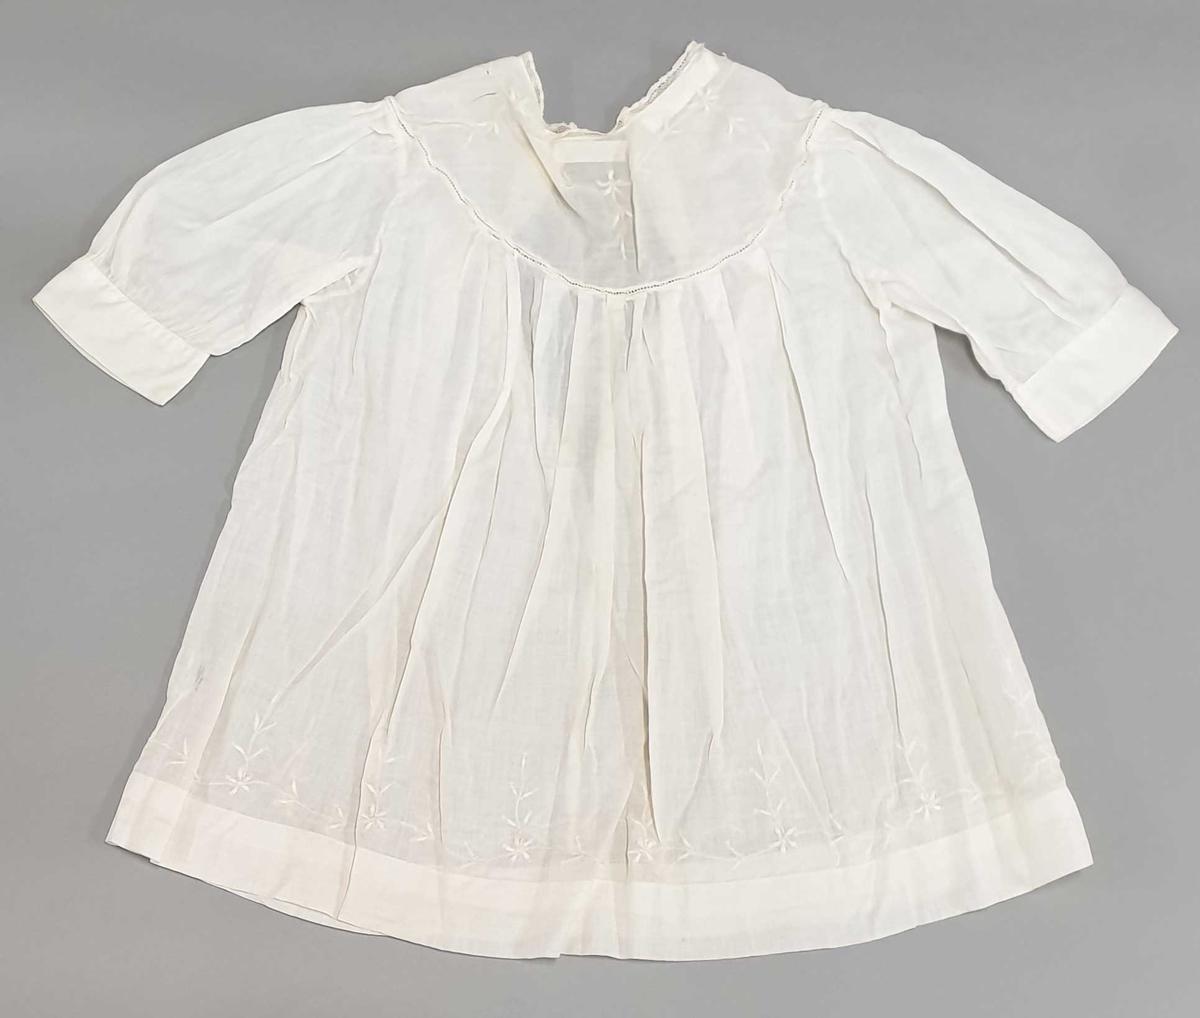 Hvit nesten transparent bomullskjole med broderi langs halskanten, lange ermer og knyting i halsen.